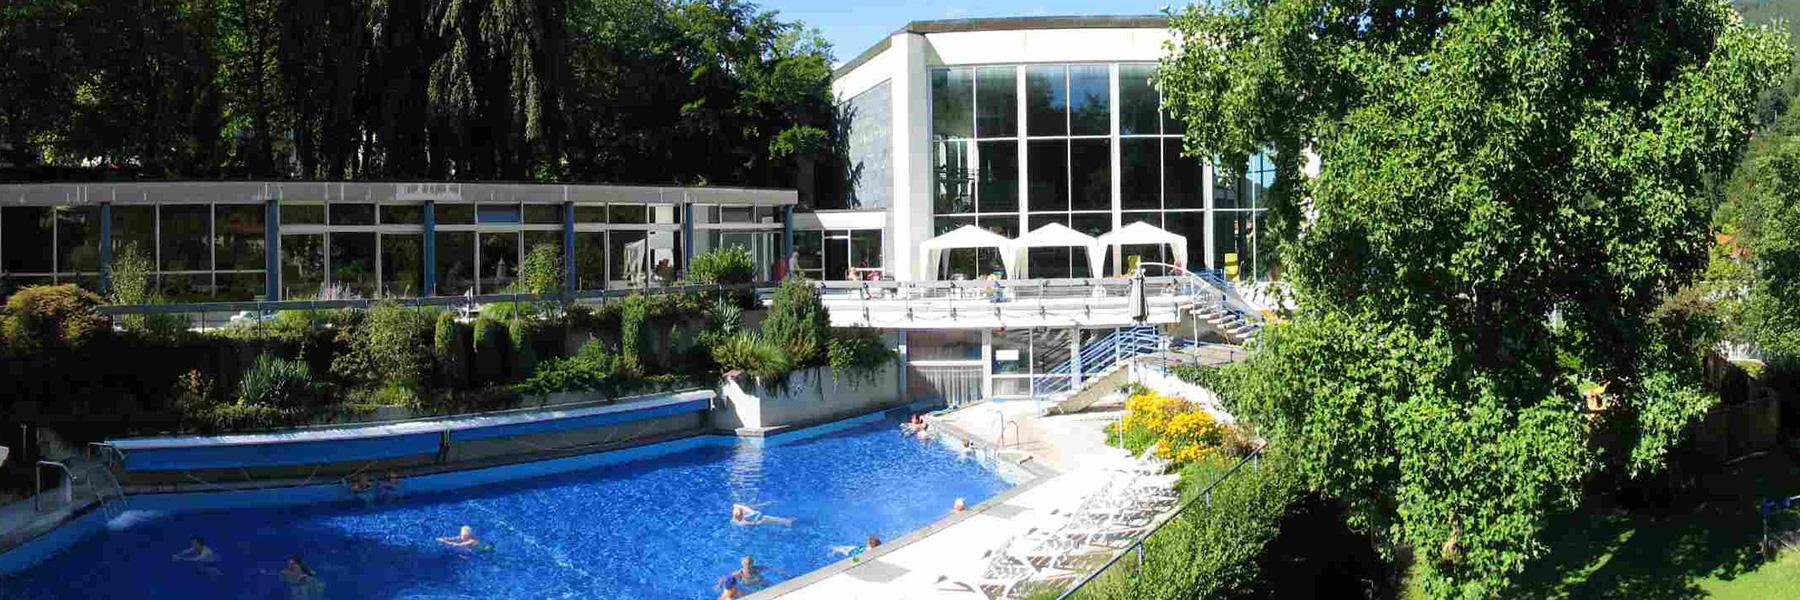 Full Size of Bad Wildbad Hotel Bergfrieden Rollschrank Hotels In Harzburg Wildungen Wellness Dürkheim Krozingen Armaturen Badezimmer Saarow Mischbatterie Nauheim Schweizer Bad Bad Wildbad Hotel